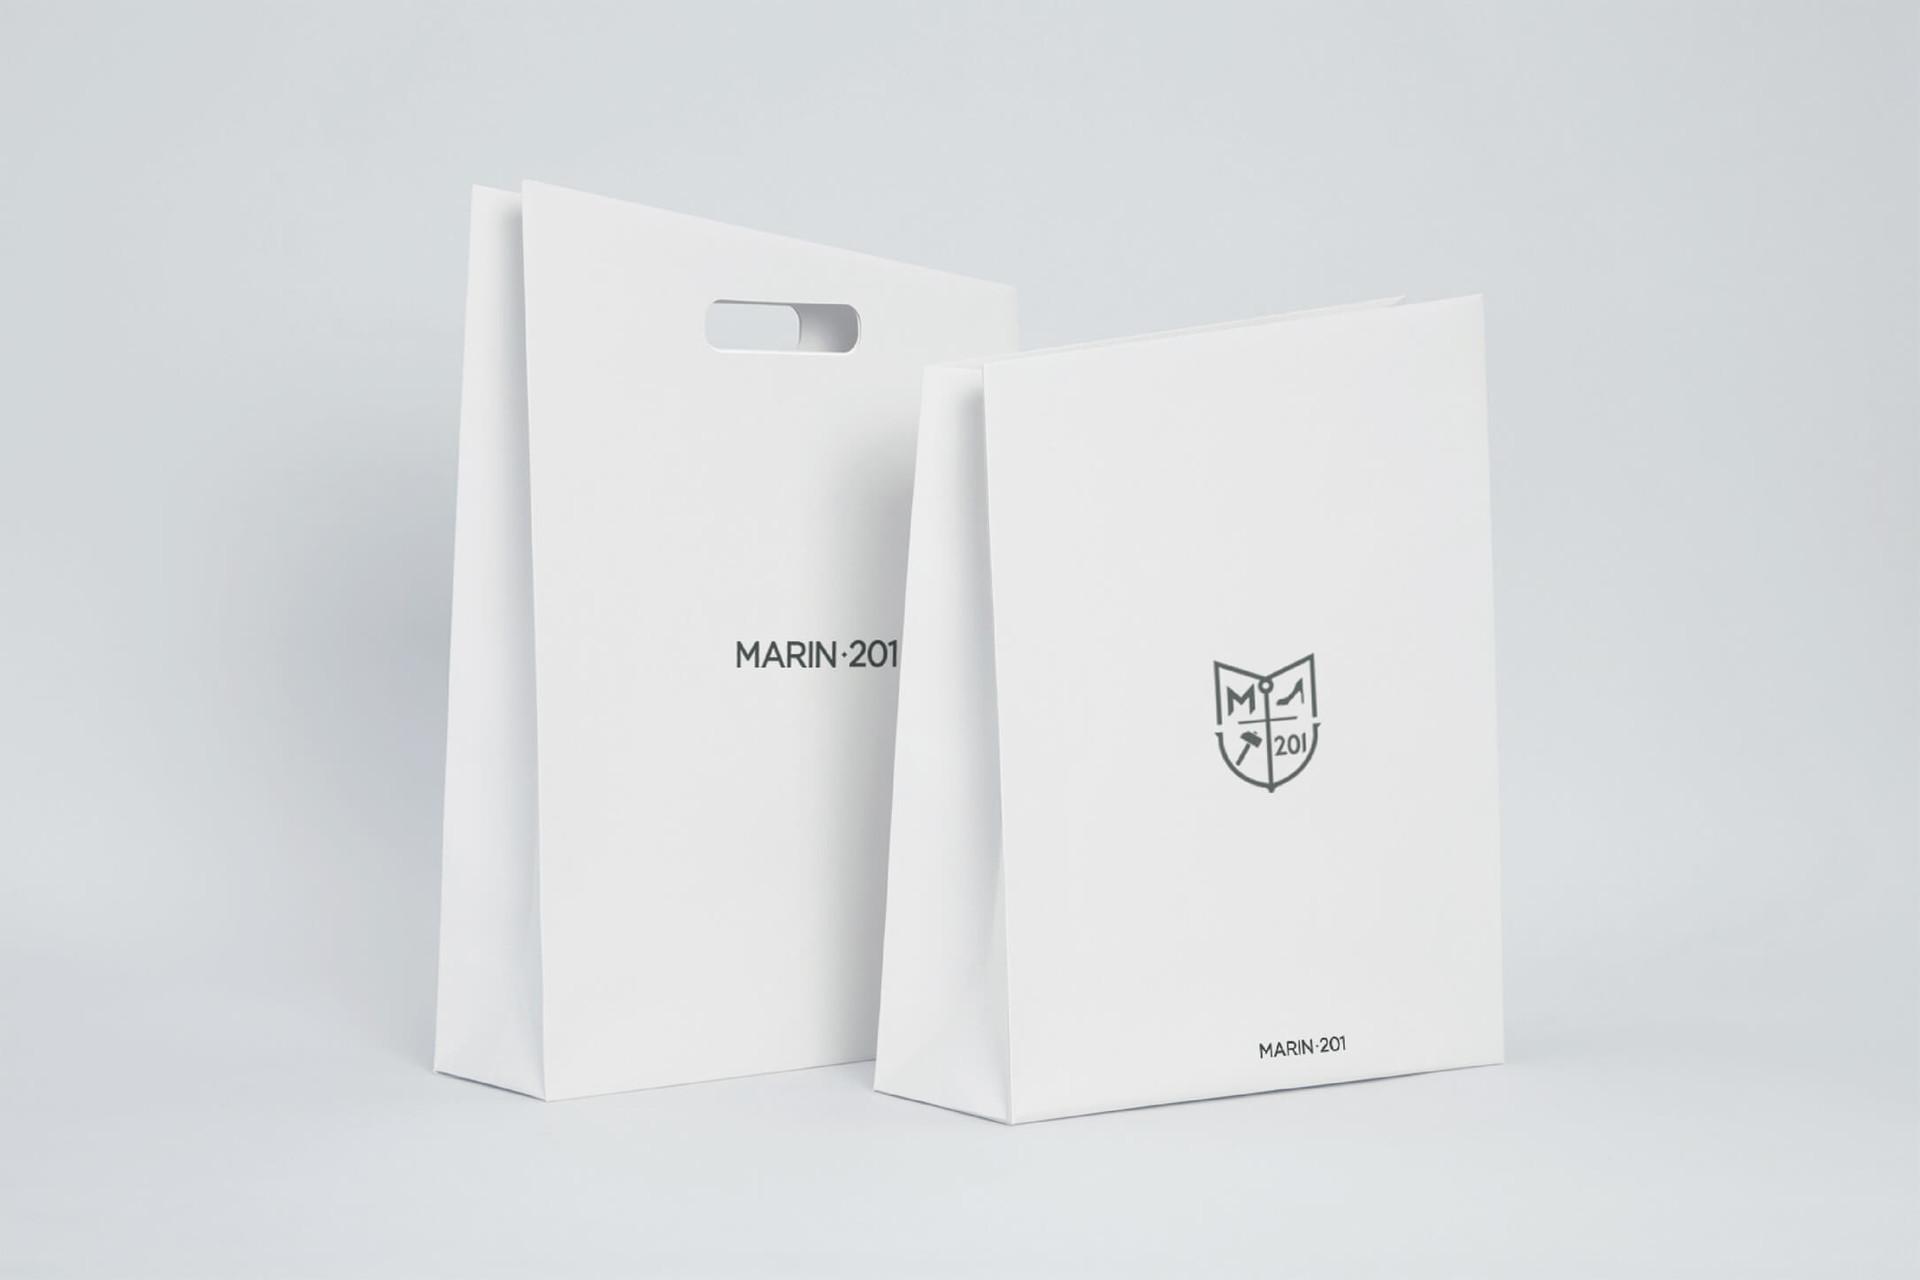 MARINE201